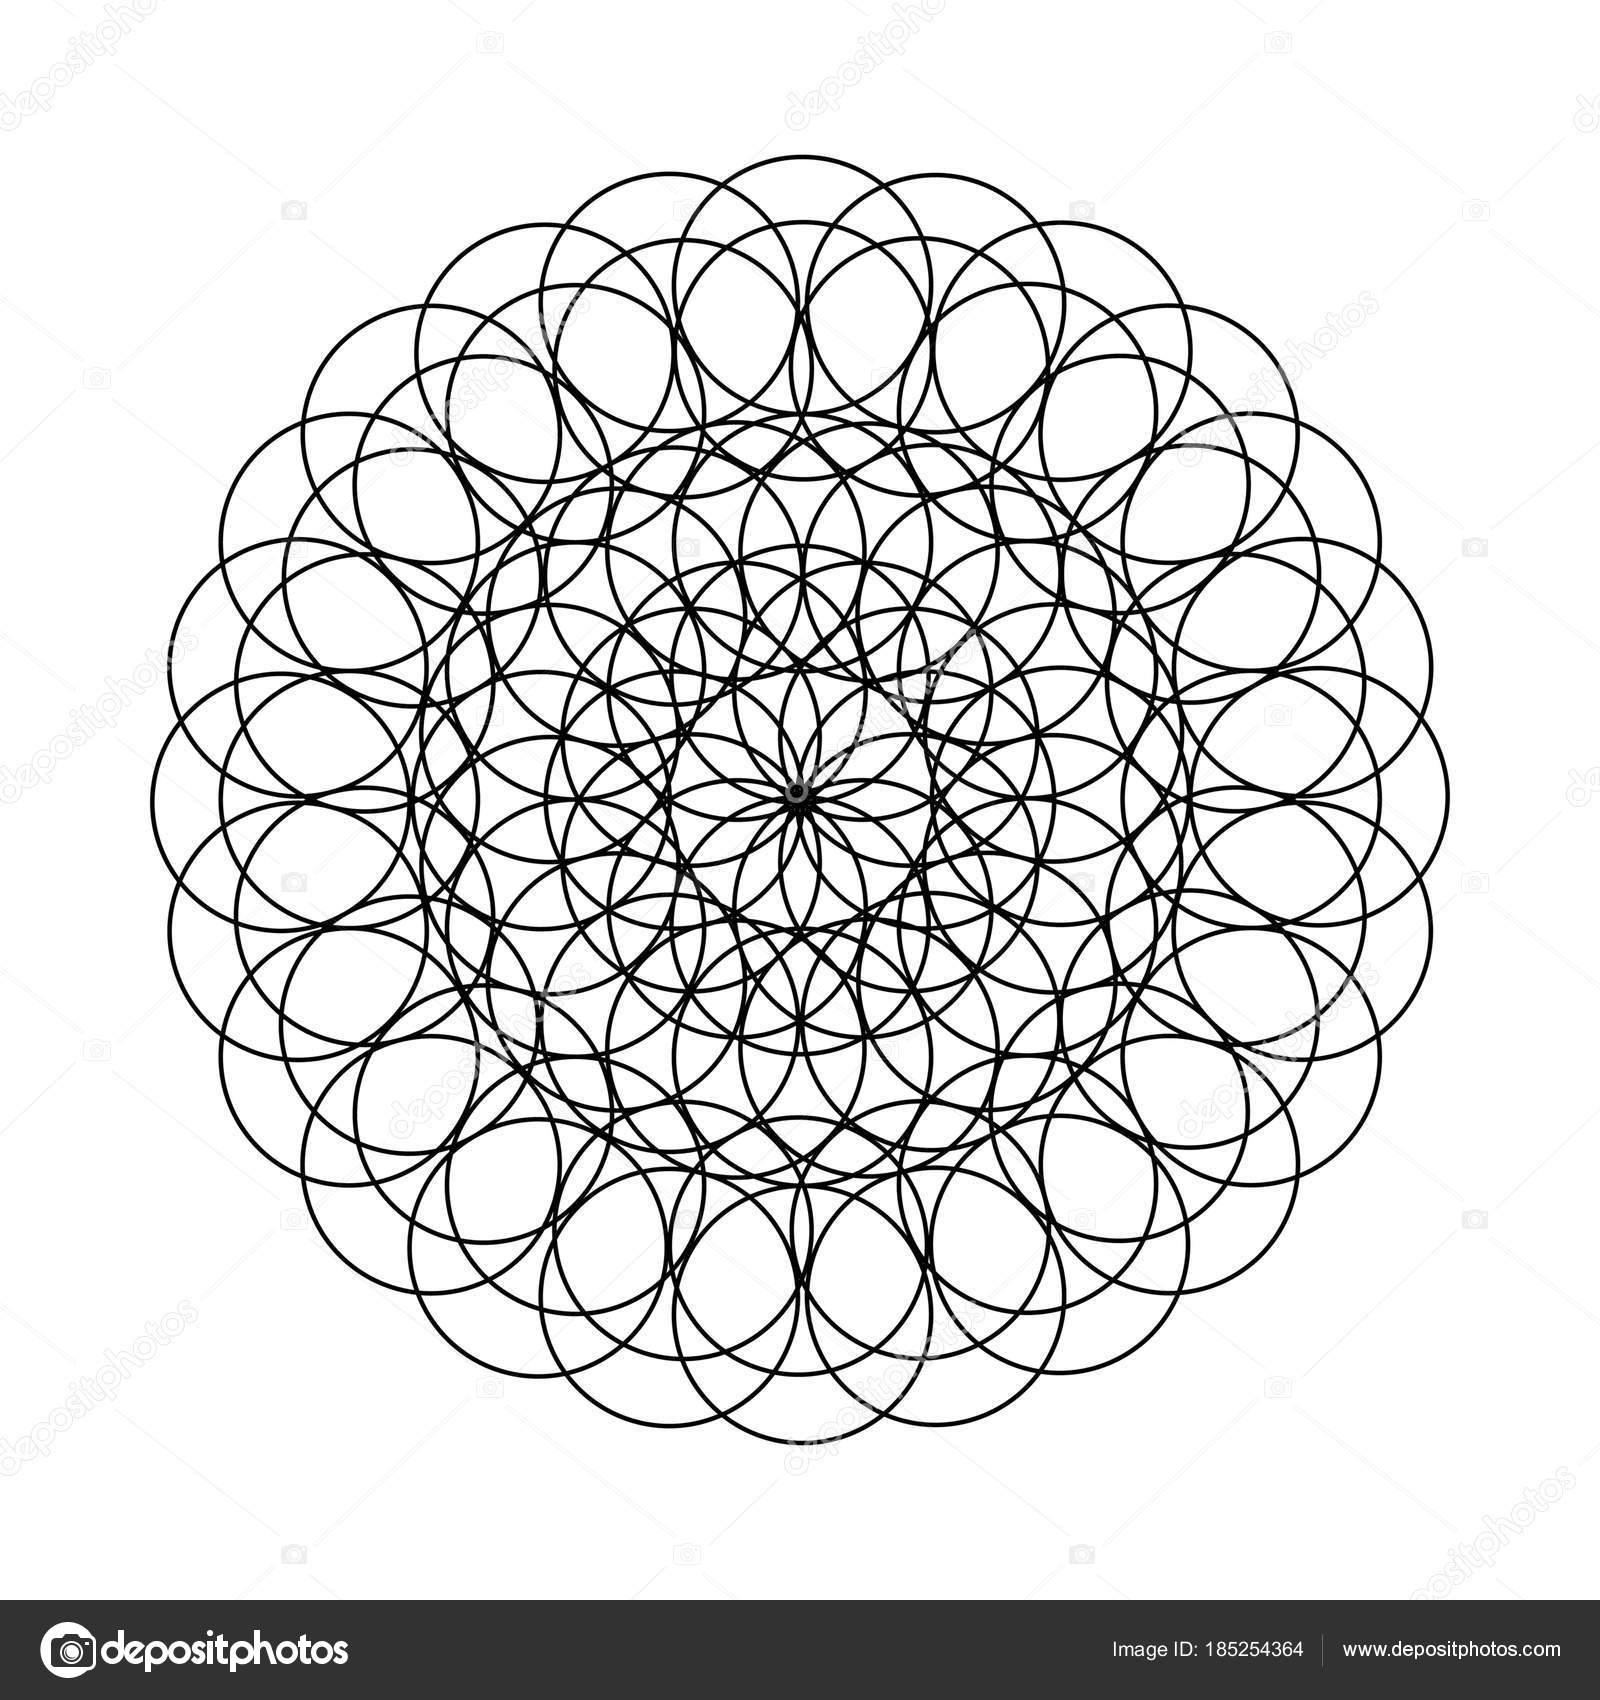 Mandala çiçek Boyama Kitabı Için Dairelerin Resmi Ile çizim Taklit